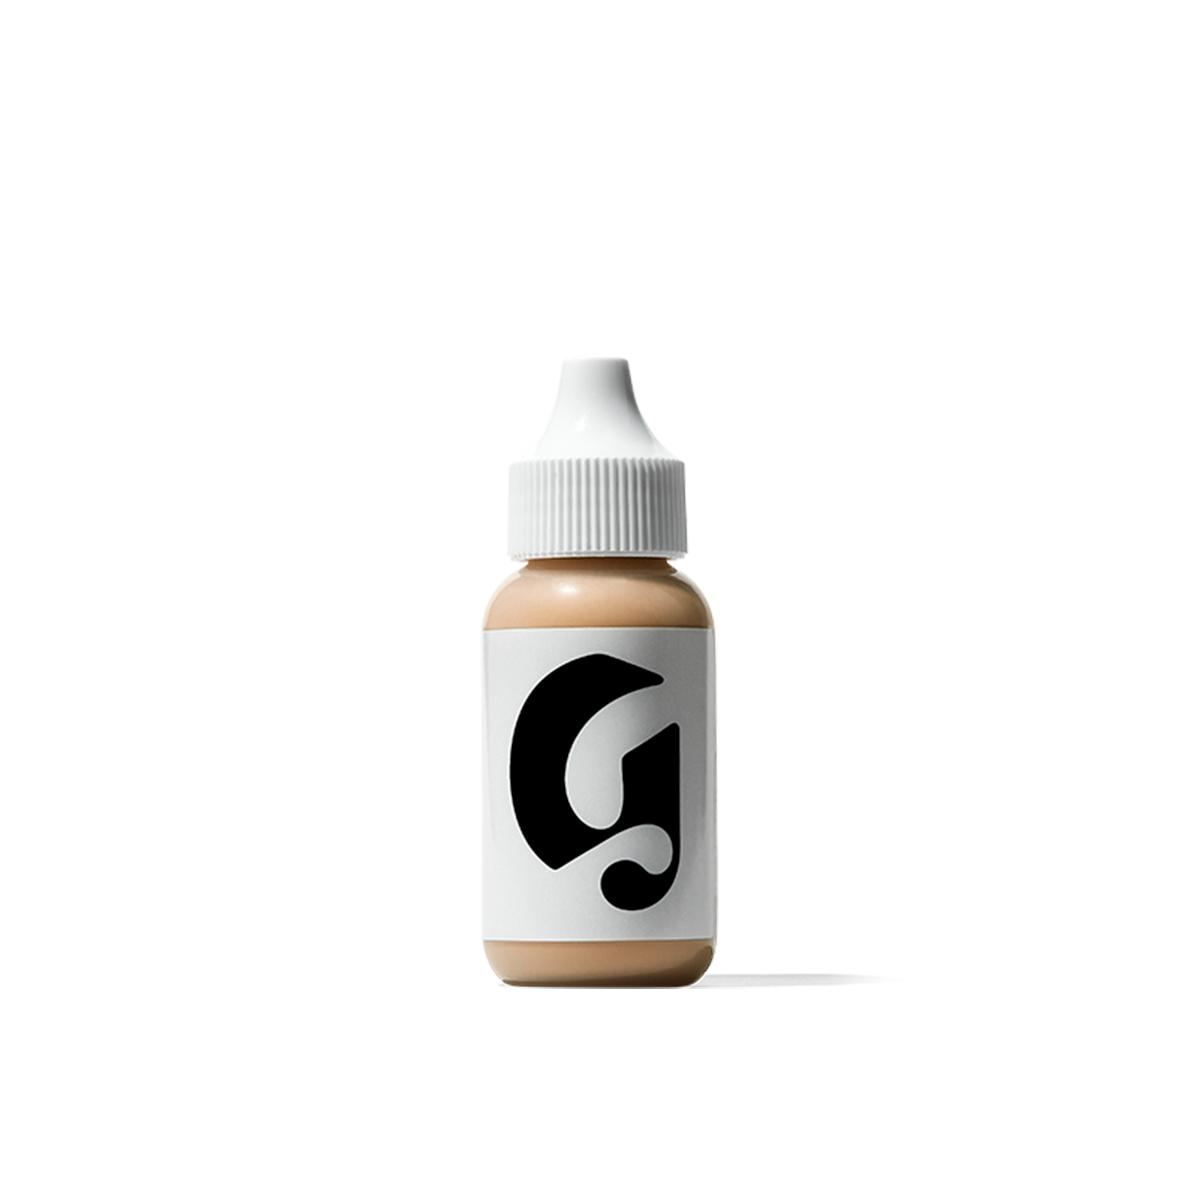 Perfecting Skin Tint